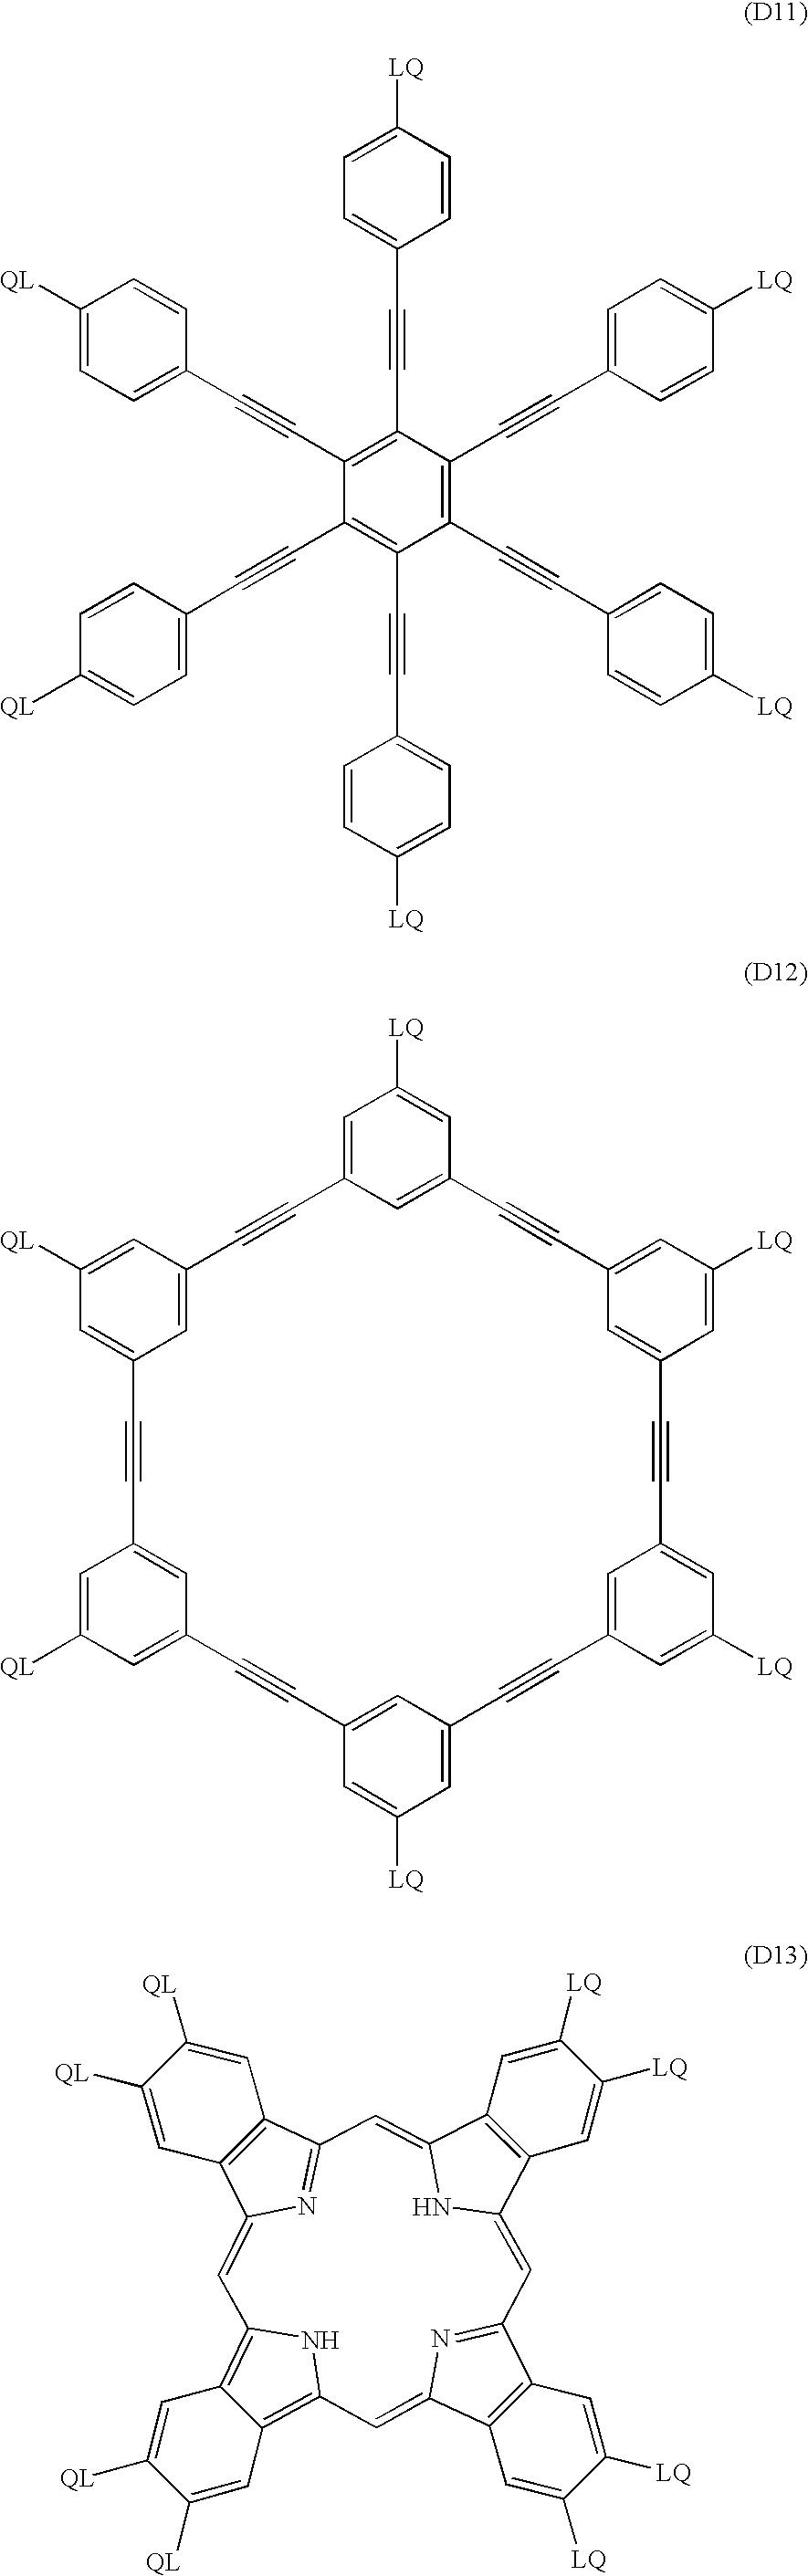 Figure US06853423-20050208-C00003